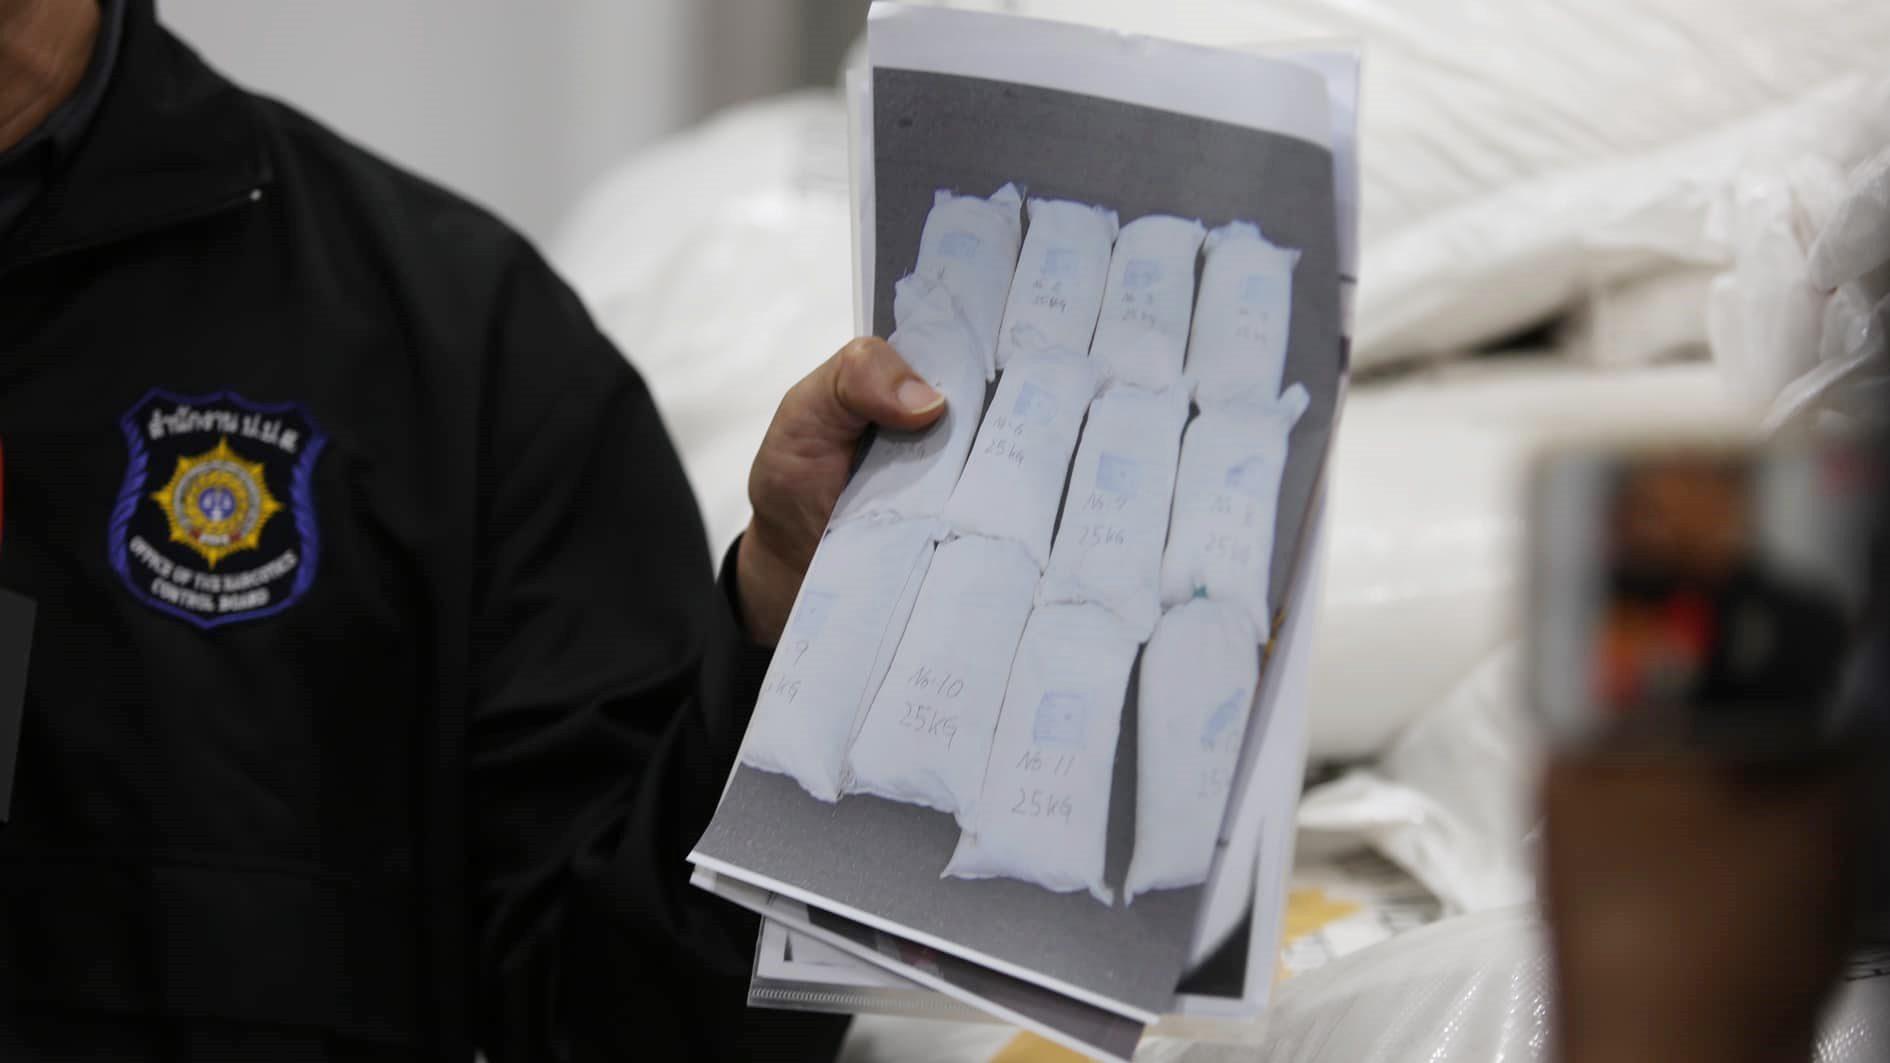 ป.ป.ส. ย้ำยังไม่พบนักการเมืองเอี่ยว 'ยาเค' 11.5 ตัน บางส่วนไม่ใช่ยาเสพติด